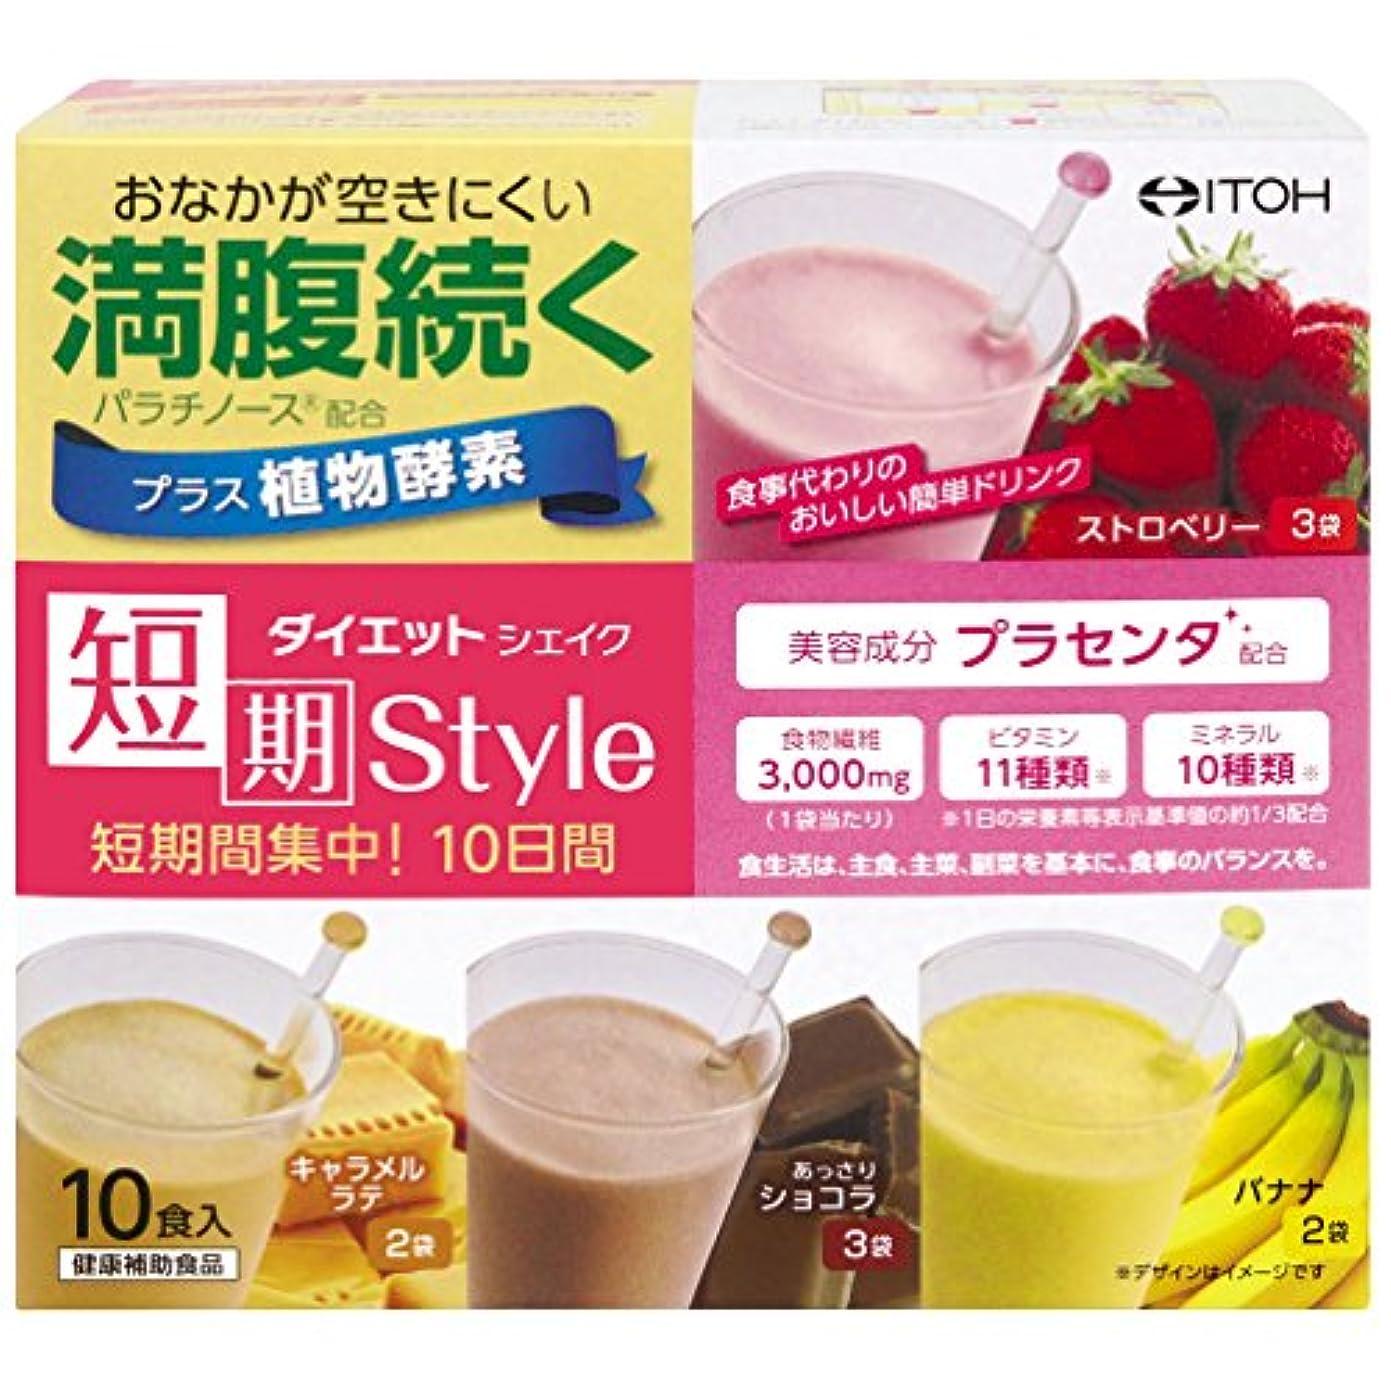 相対サイズ月曜日亡命井藤漢方製薬 短期スタイル ダイエットシェイク 10食分 25gX10袋